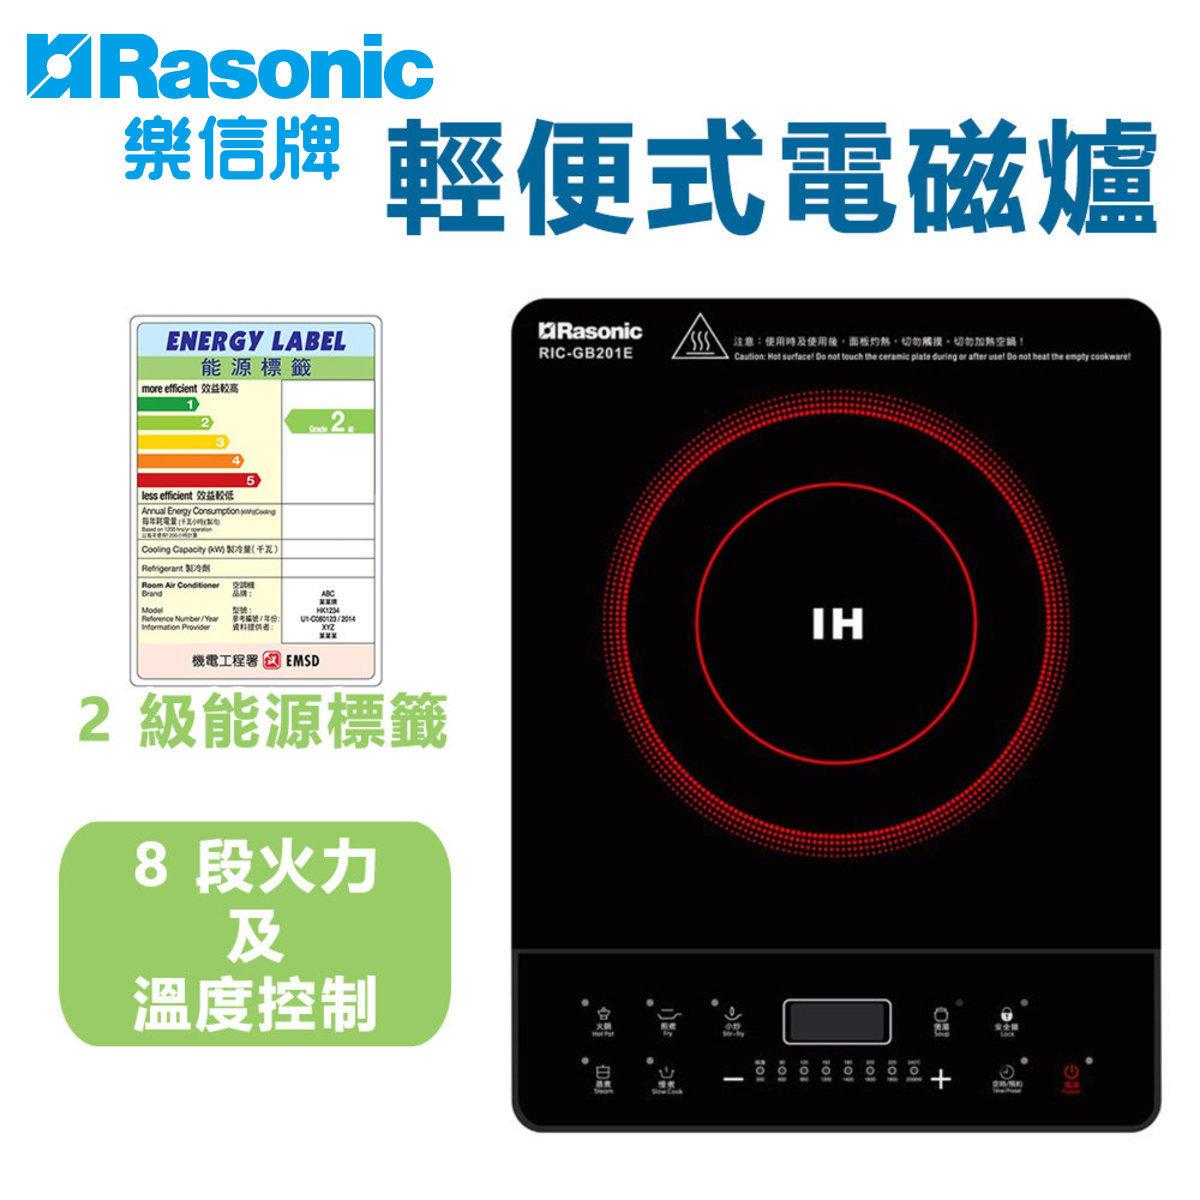 輕便式電磁爐 (13A/按鍵式/6 種自動功能) RIC-GB201E (2級能源標籤)